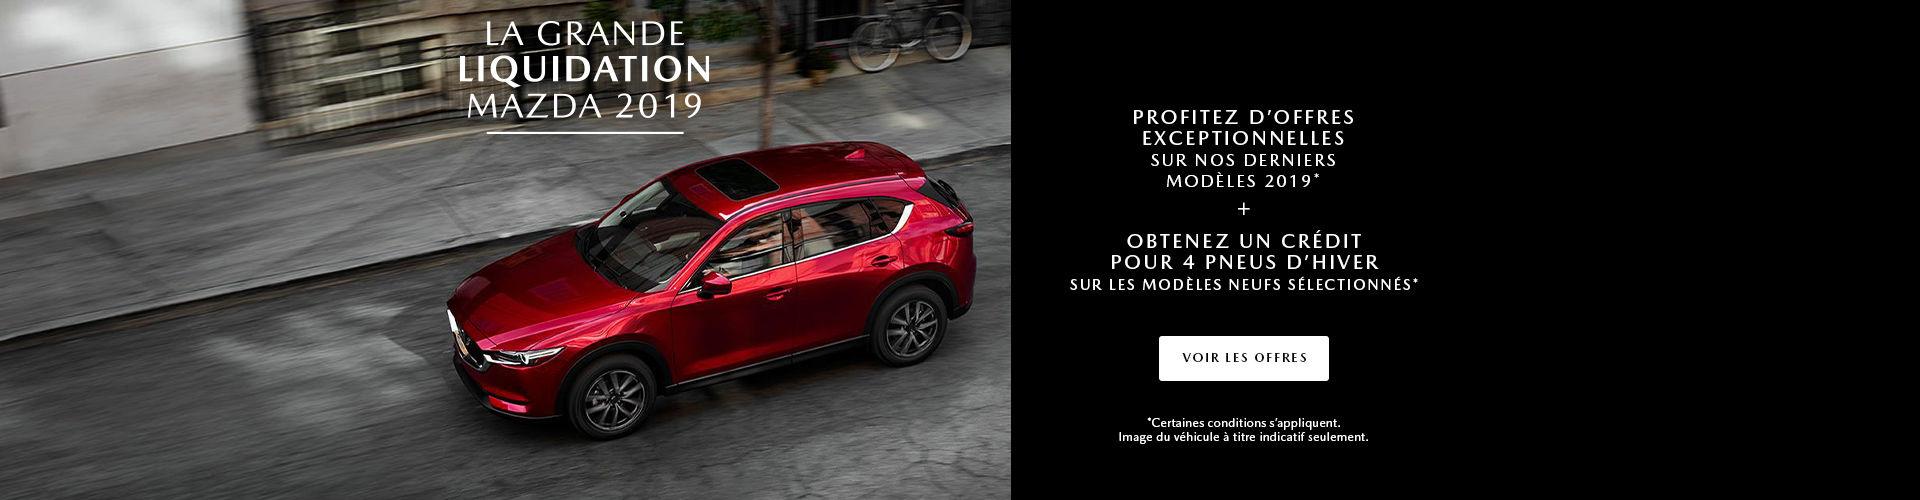 La grande liquidation Mazda - headers